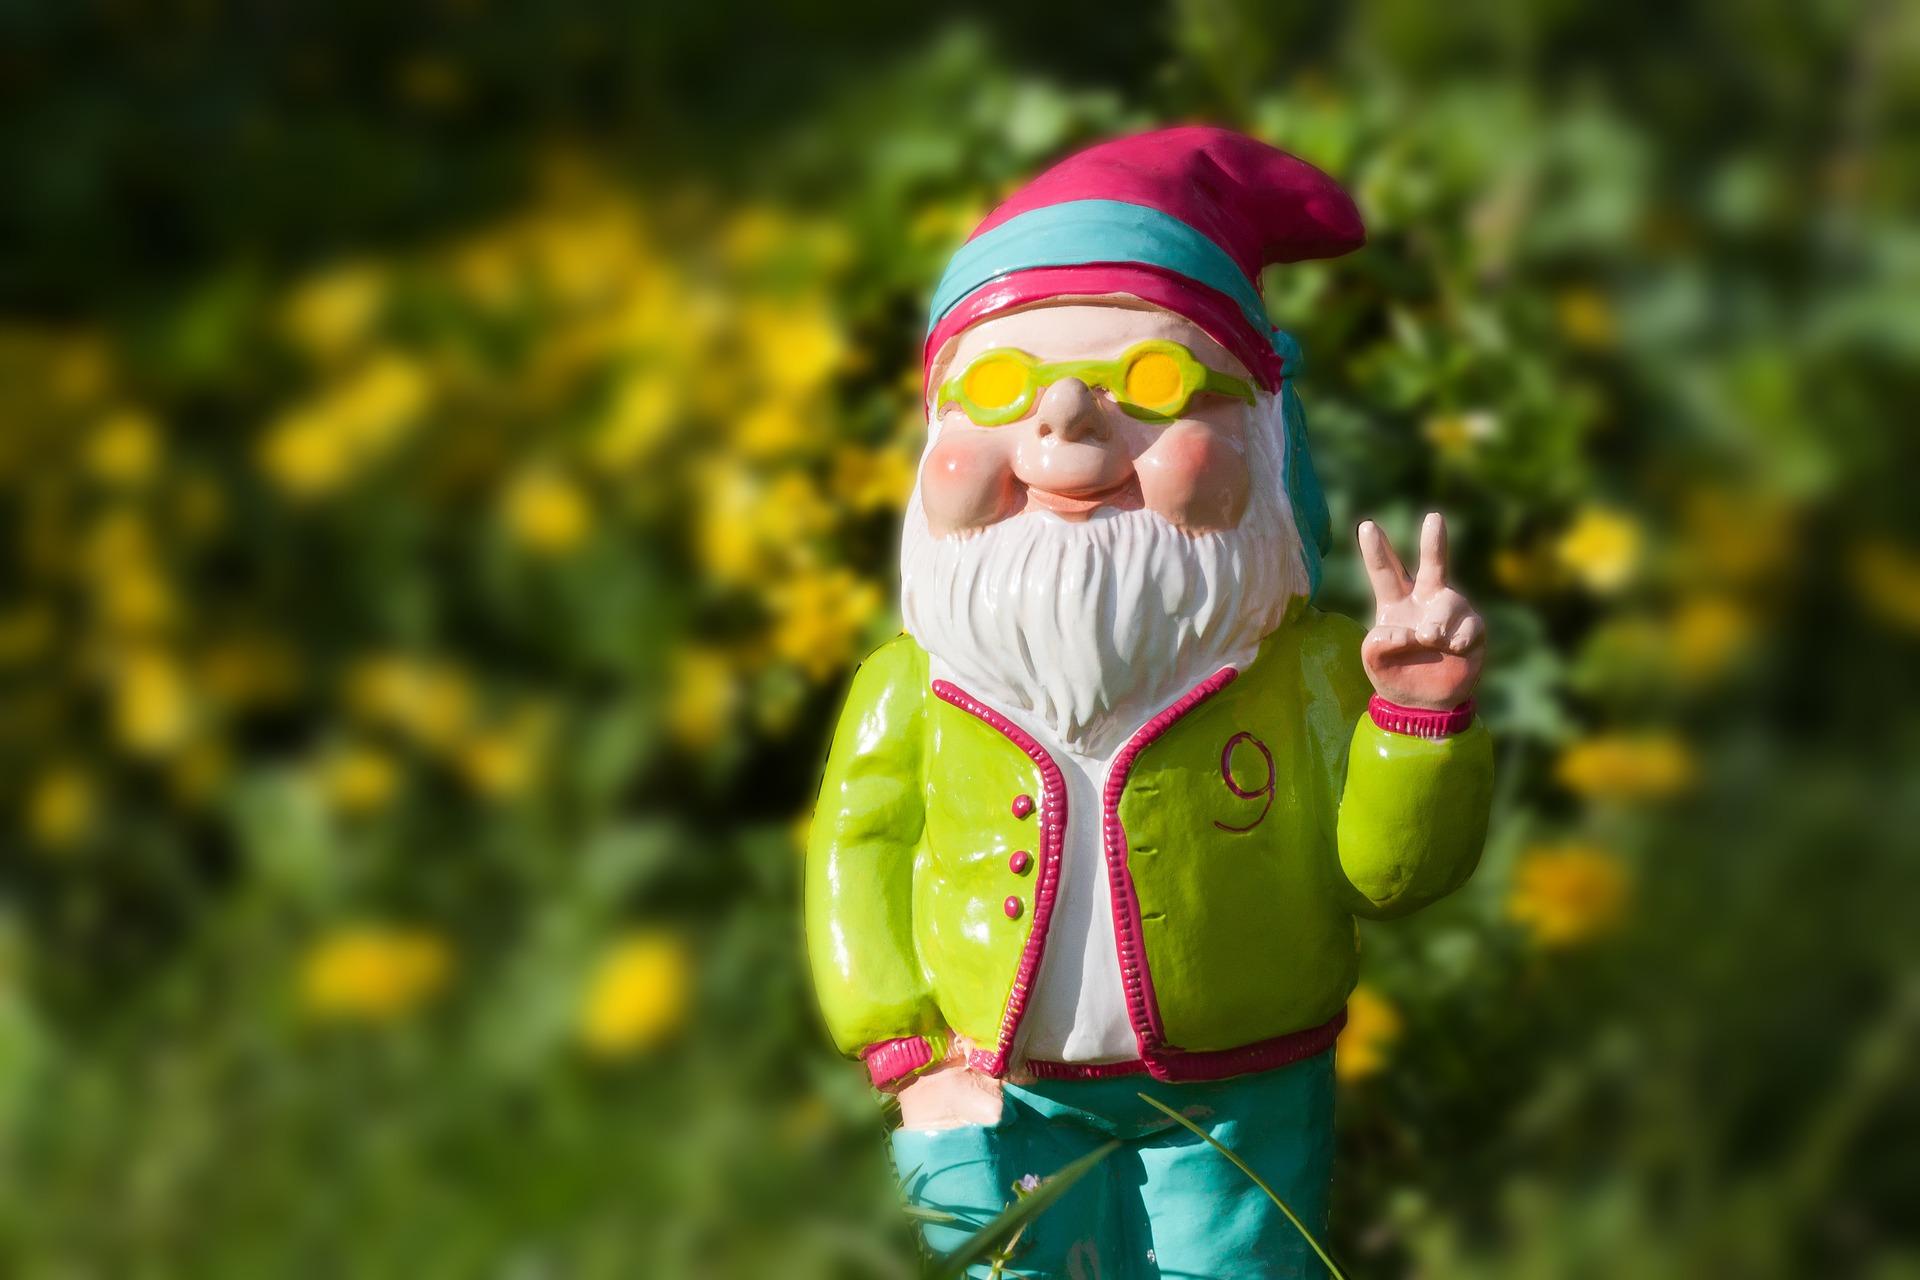 dwarf-1336495_1920.jpg